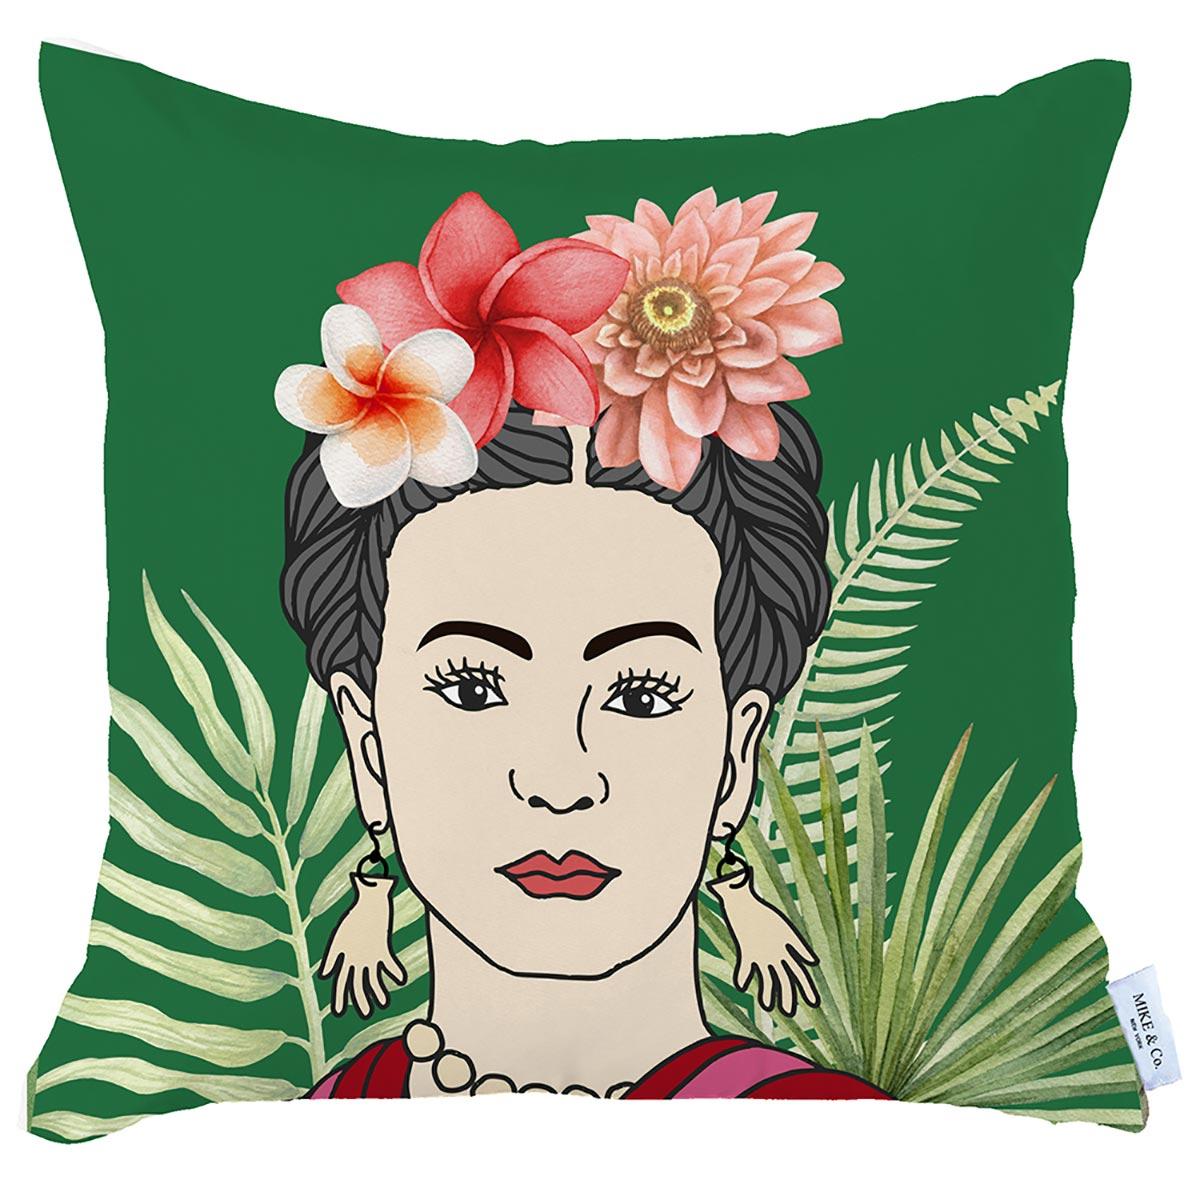 Διακοσμητική Μαξιλαροθήκη (45×45) Mike & Co Frida 712-4219-1